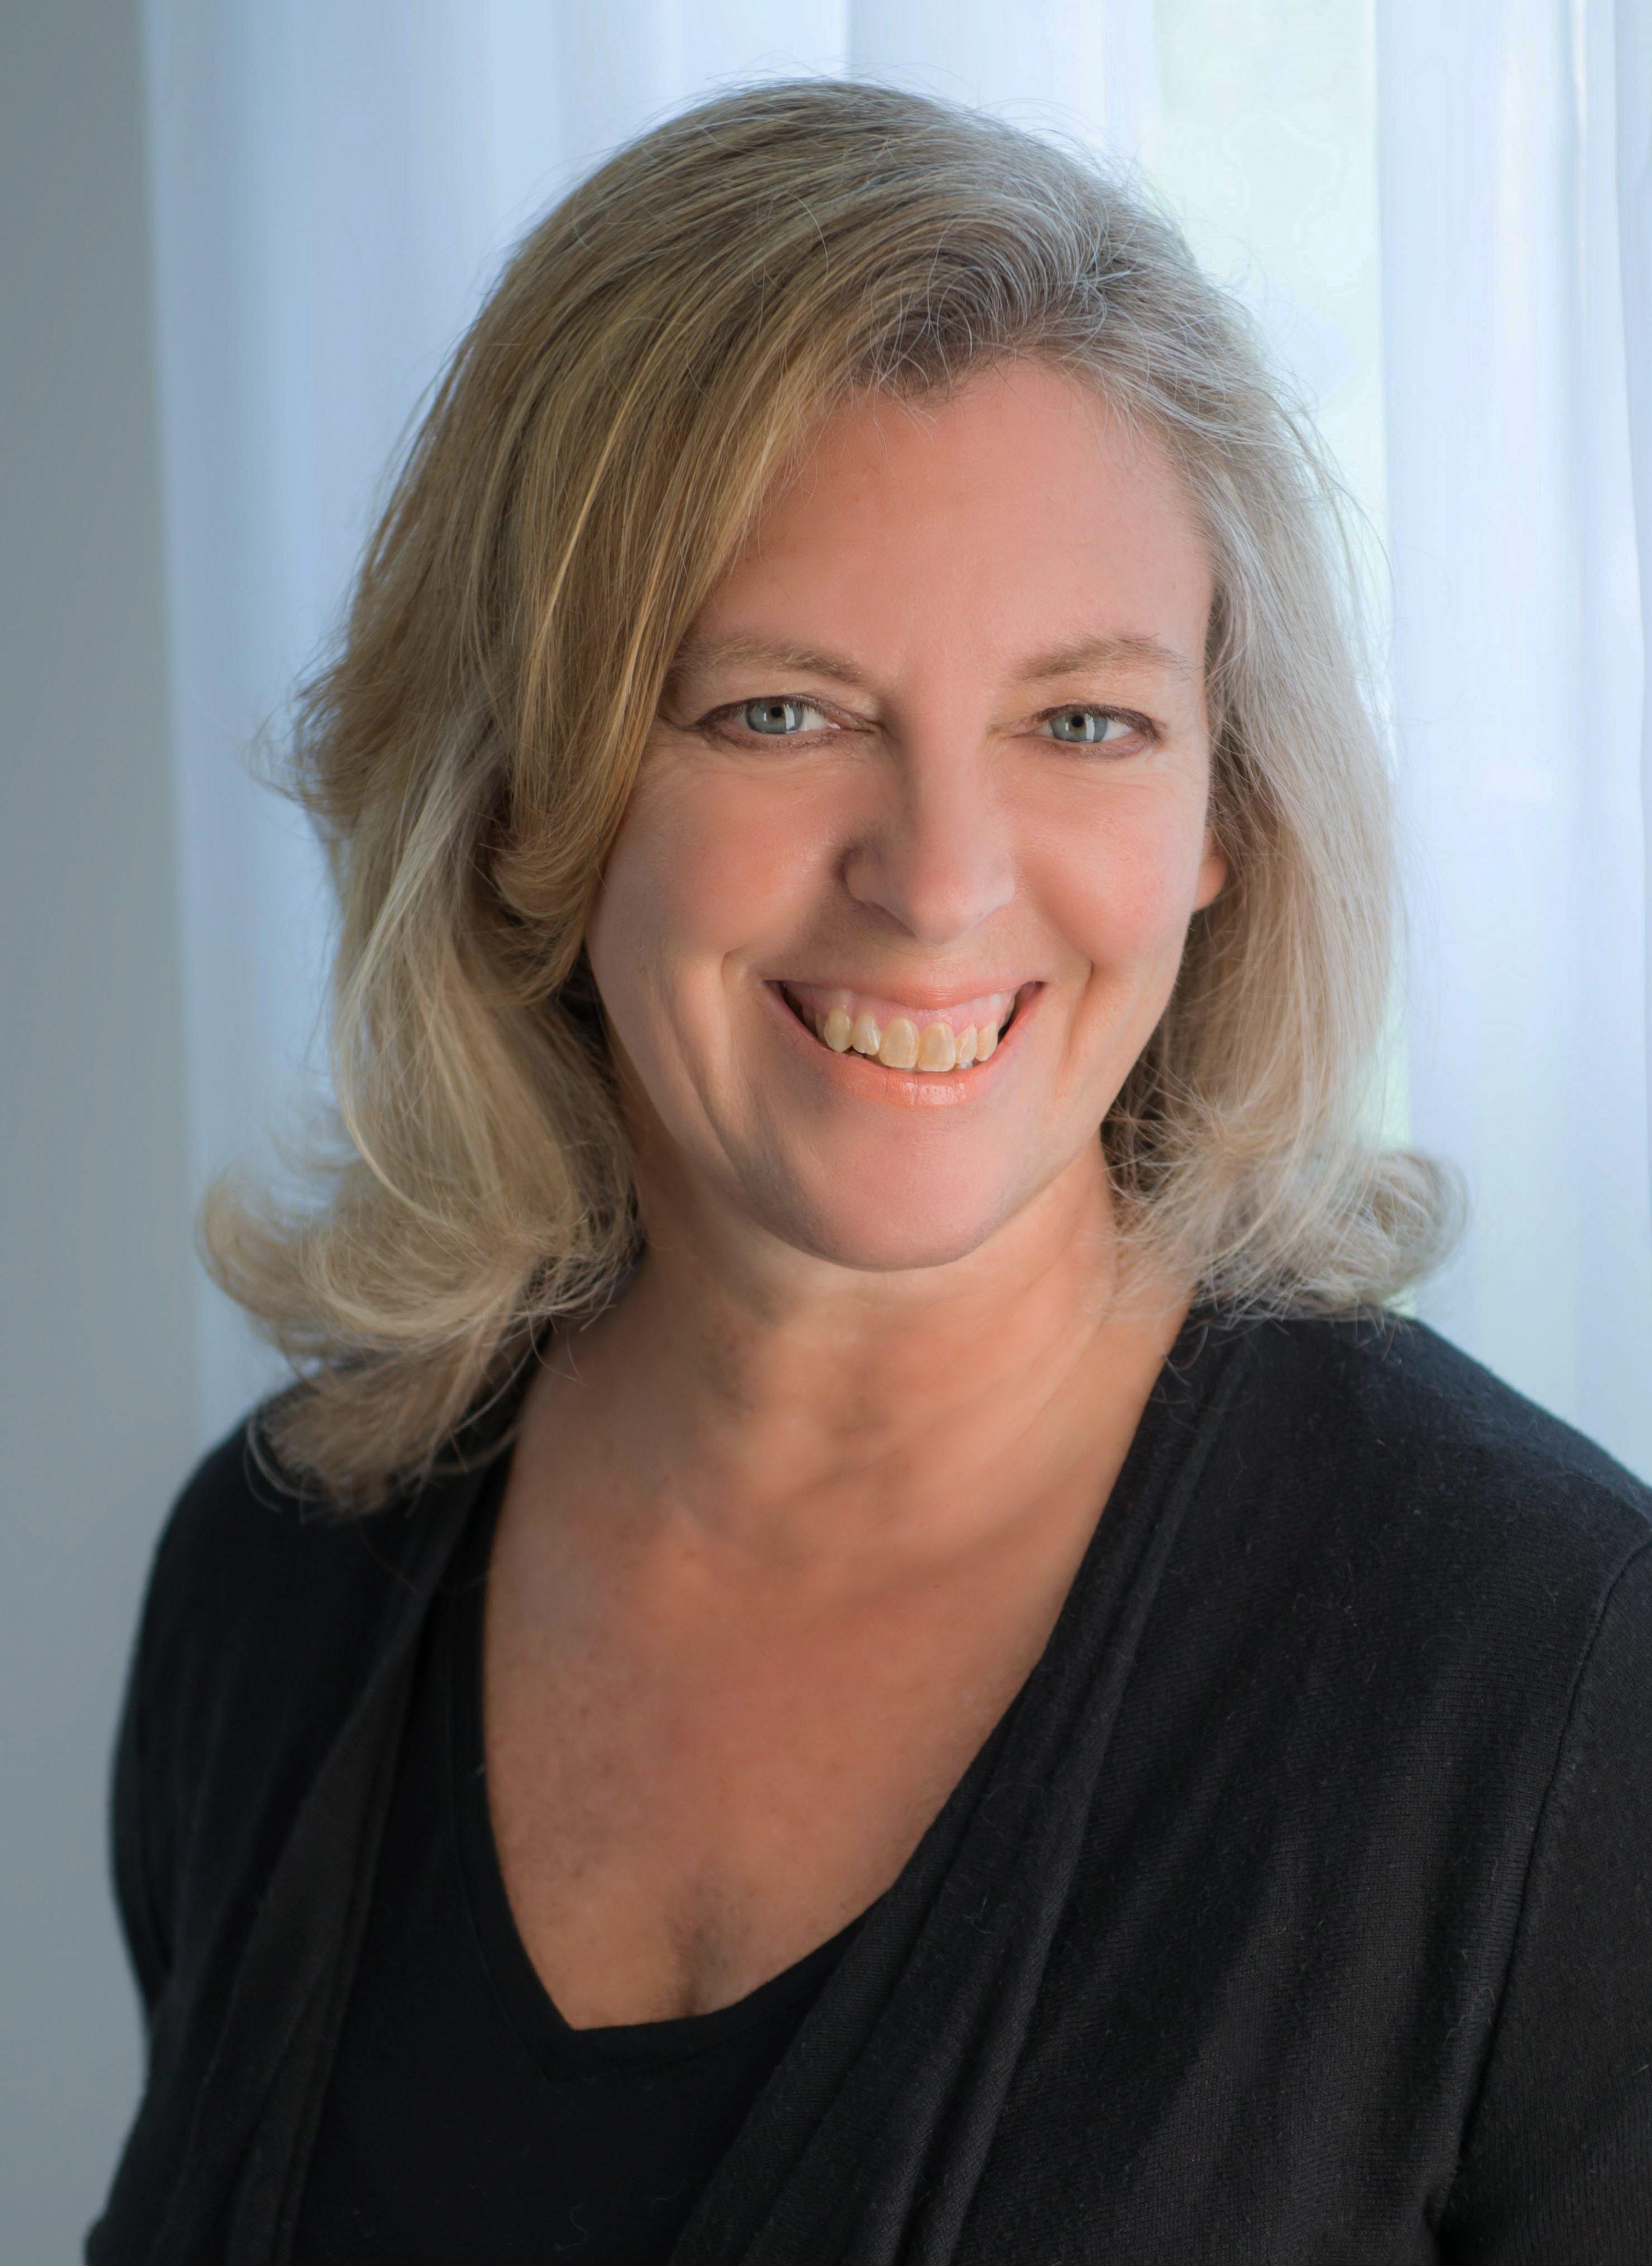 Cindy Strupp